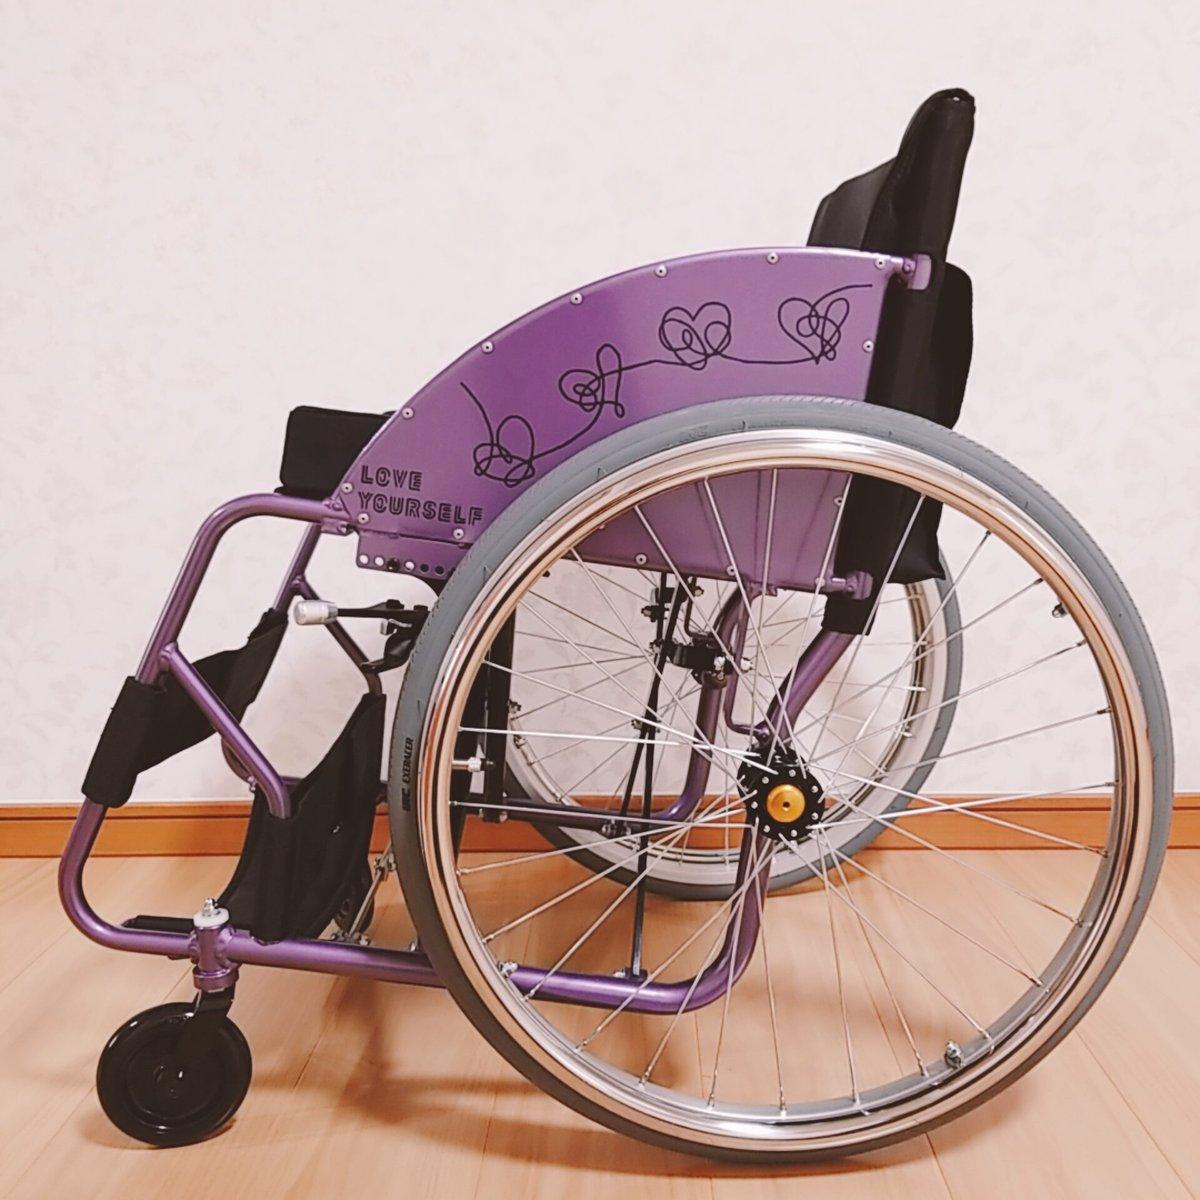 お友達の素敵なセンスとスゴ技によって、私の車椅子がLOVE YOURSELF仕様になりました💜 感謝感激で…もぉ泣きそう😭✨ 世界中に自慢したいくらいです🌈